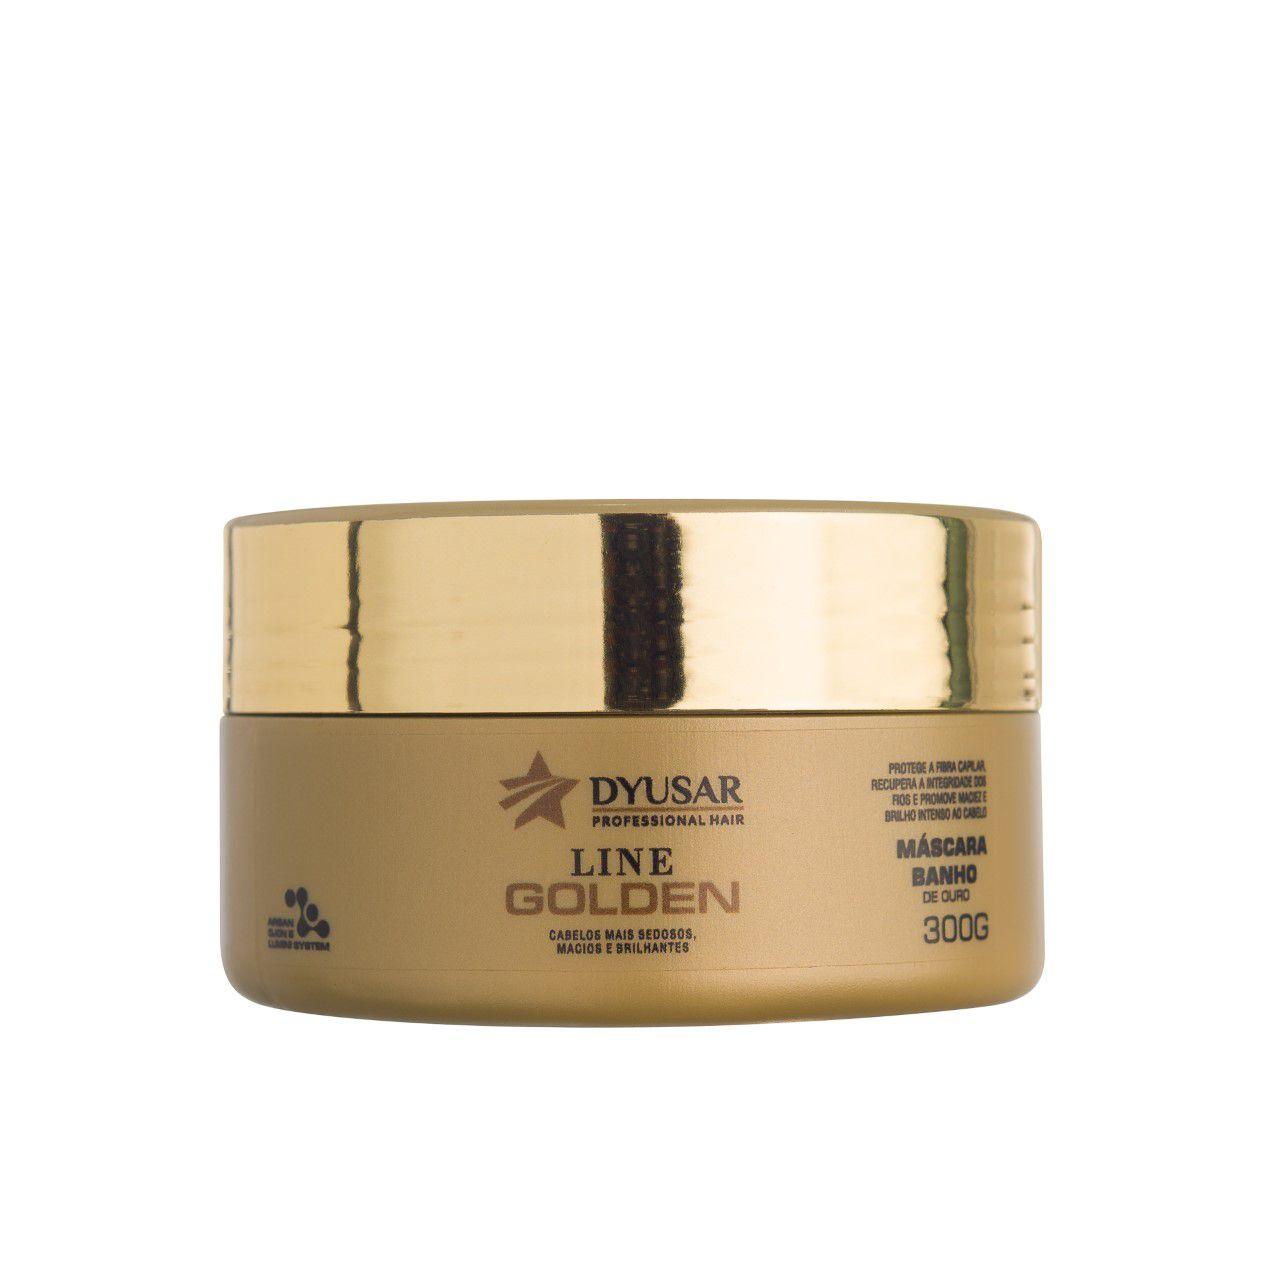 Máscara Line Golden Professional Hair DYUSAR 300g